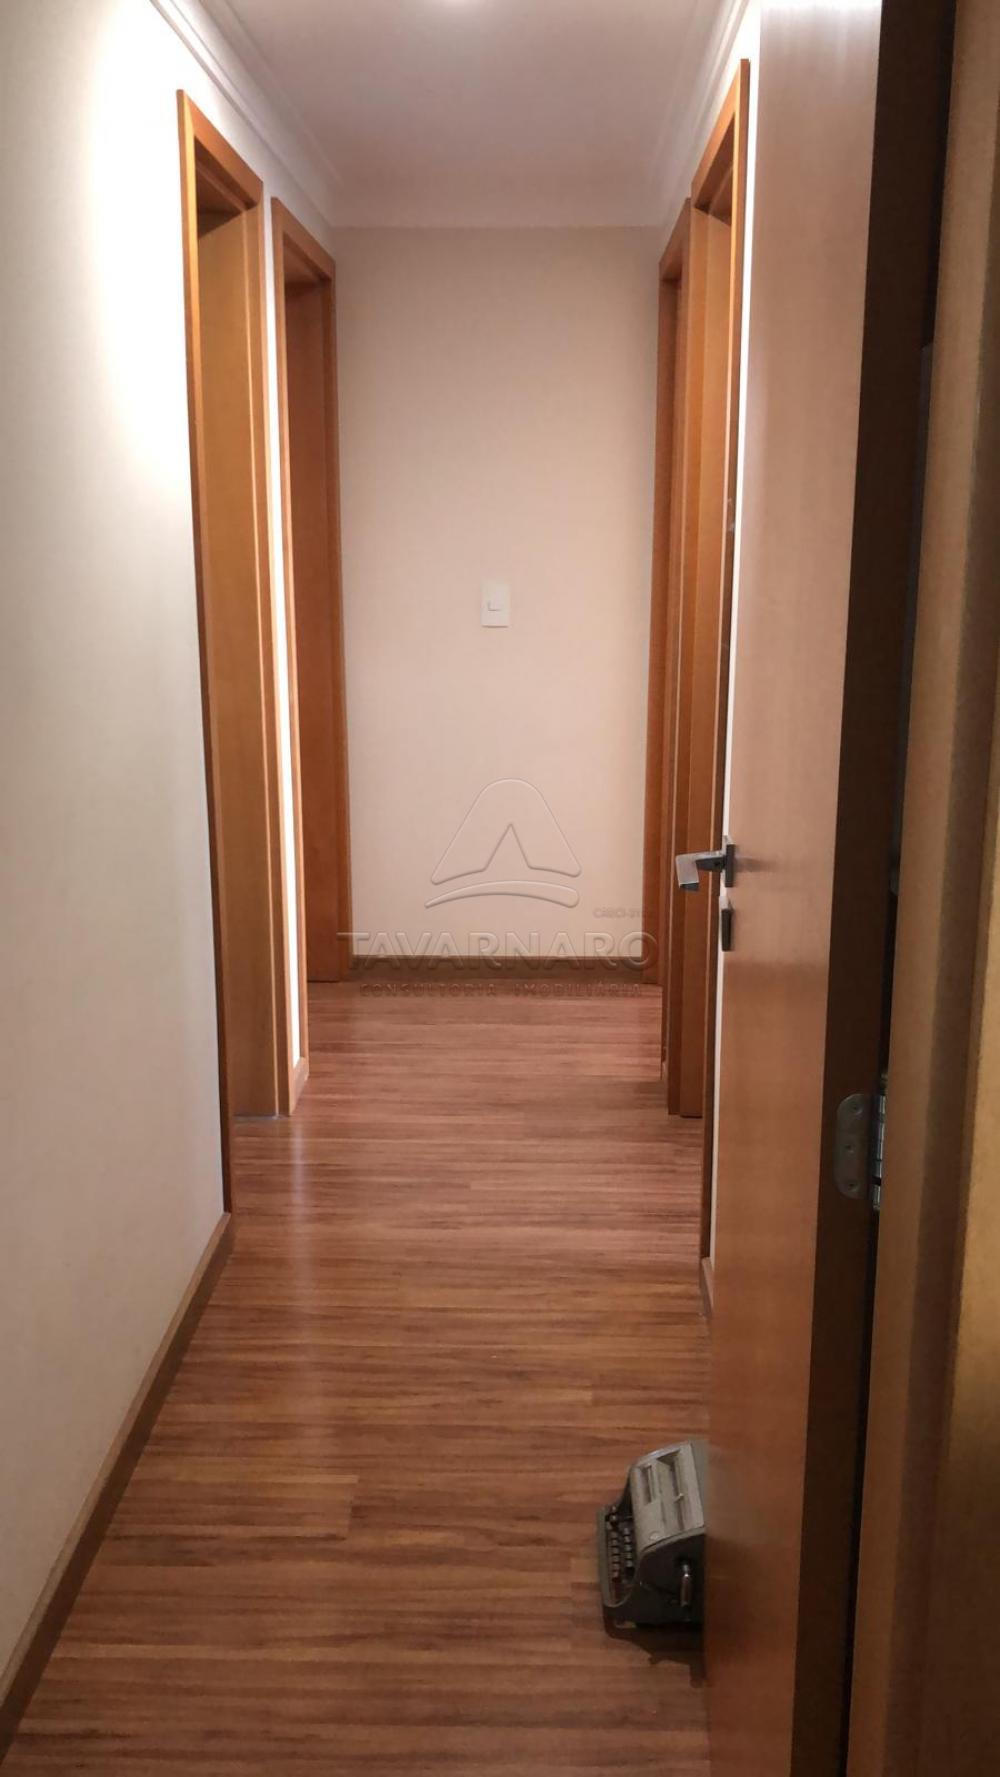 Comprar Apartamento / Padrão em Ponta Grossa R$ 610.000,00 - Foto 22